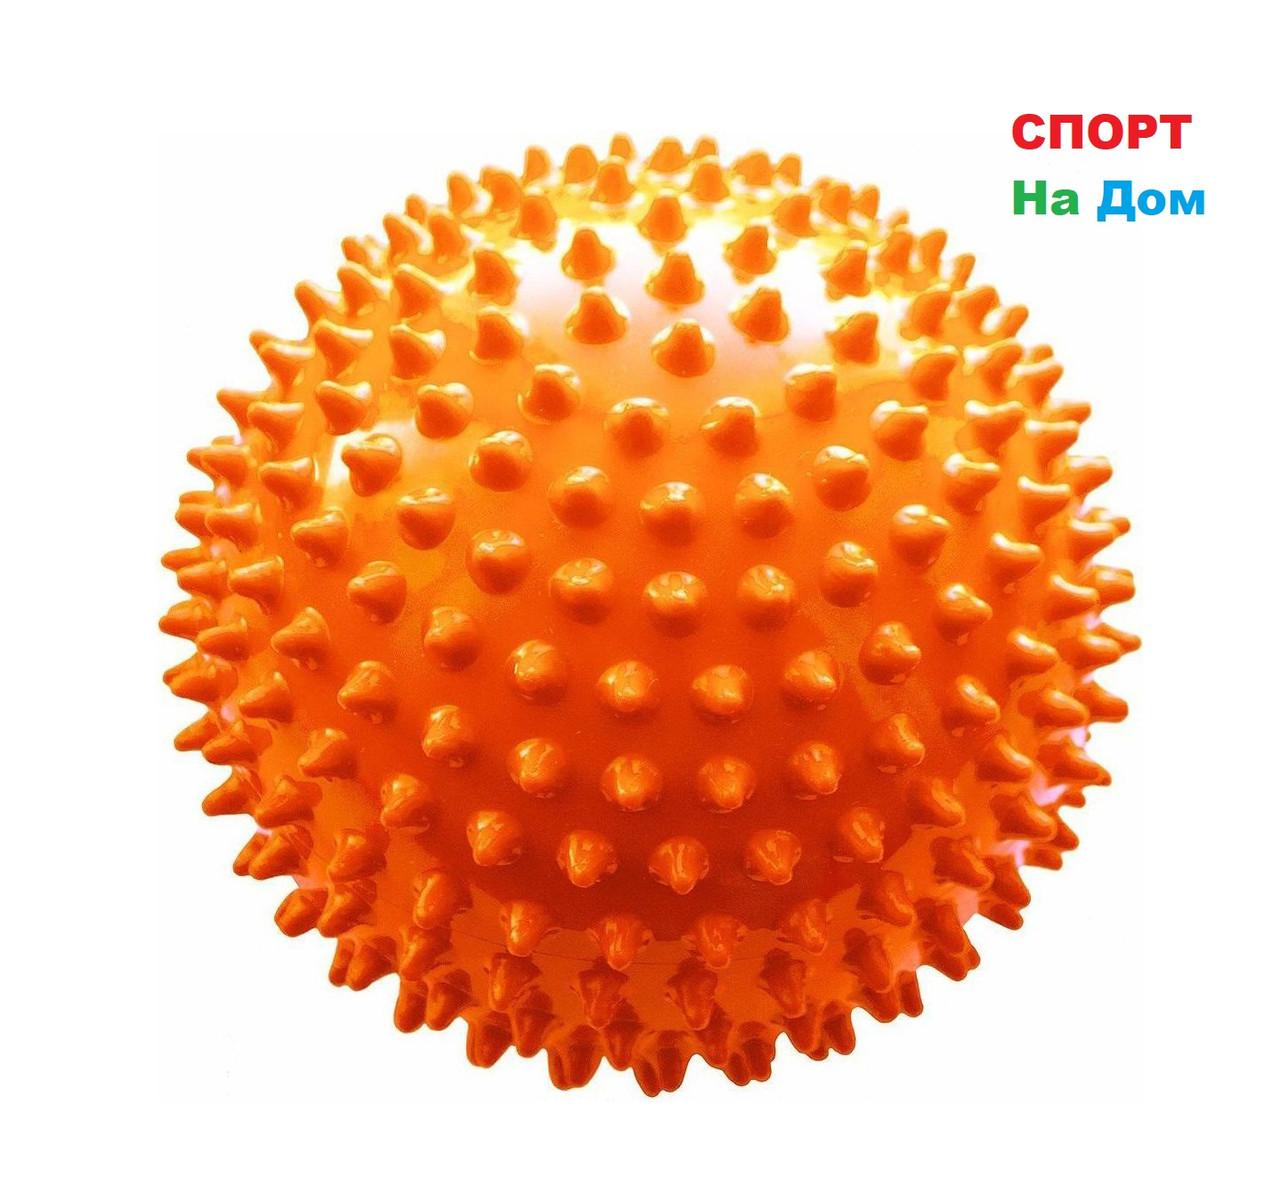 Массажер ежик, массажный мячик для фитнеса 9 см (цвет оранжевый)